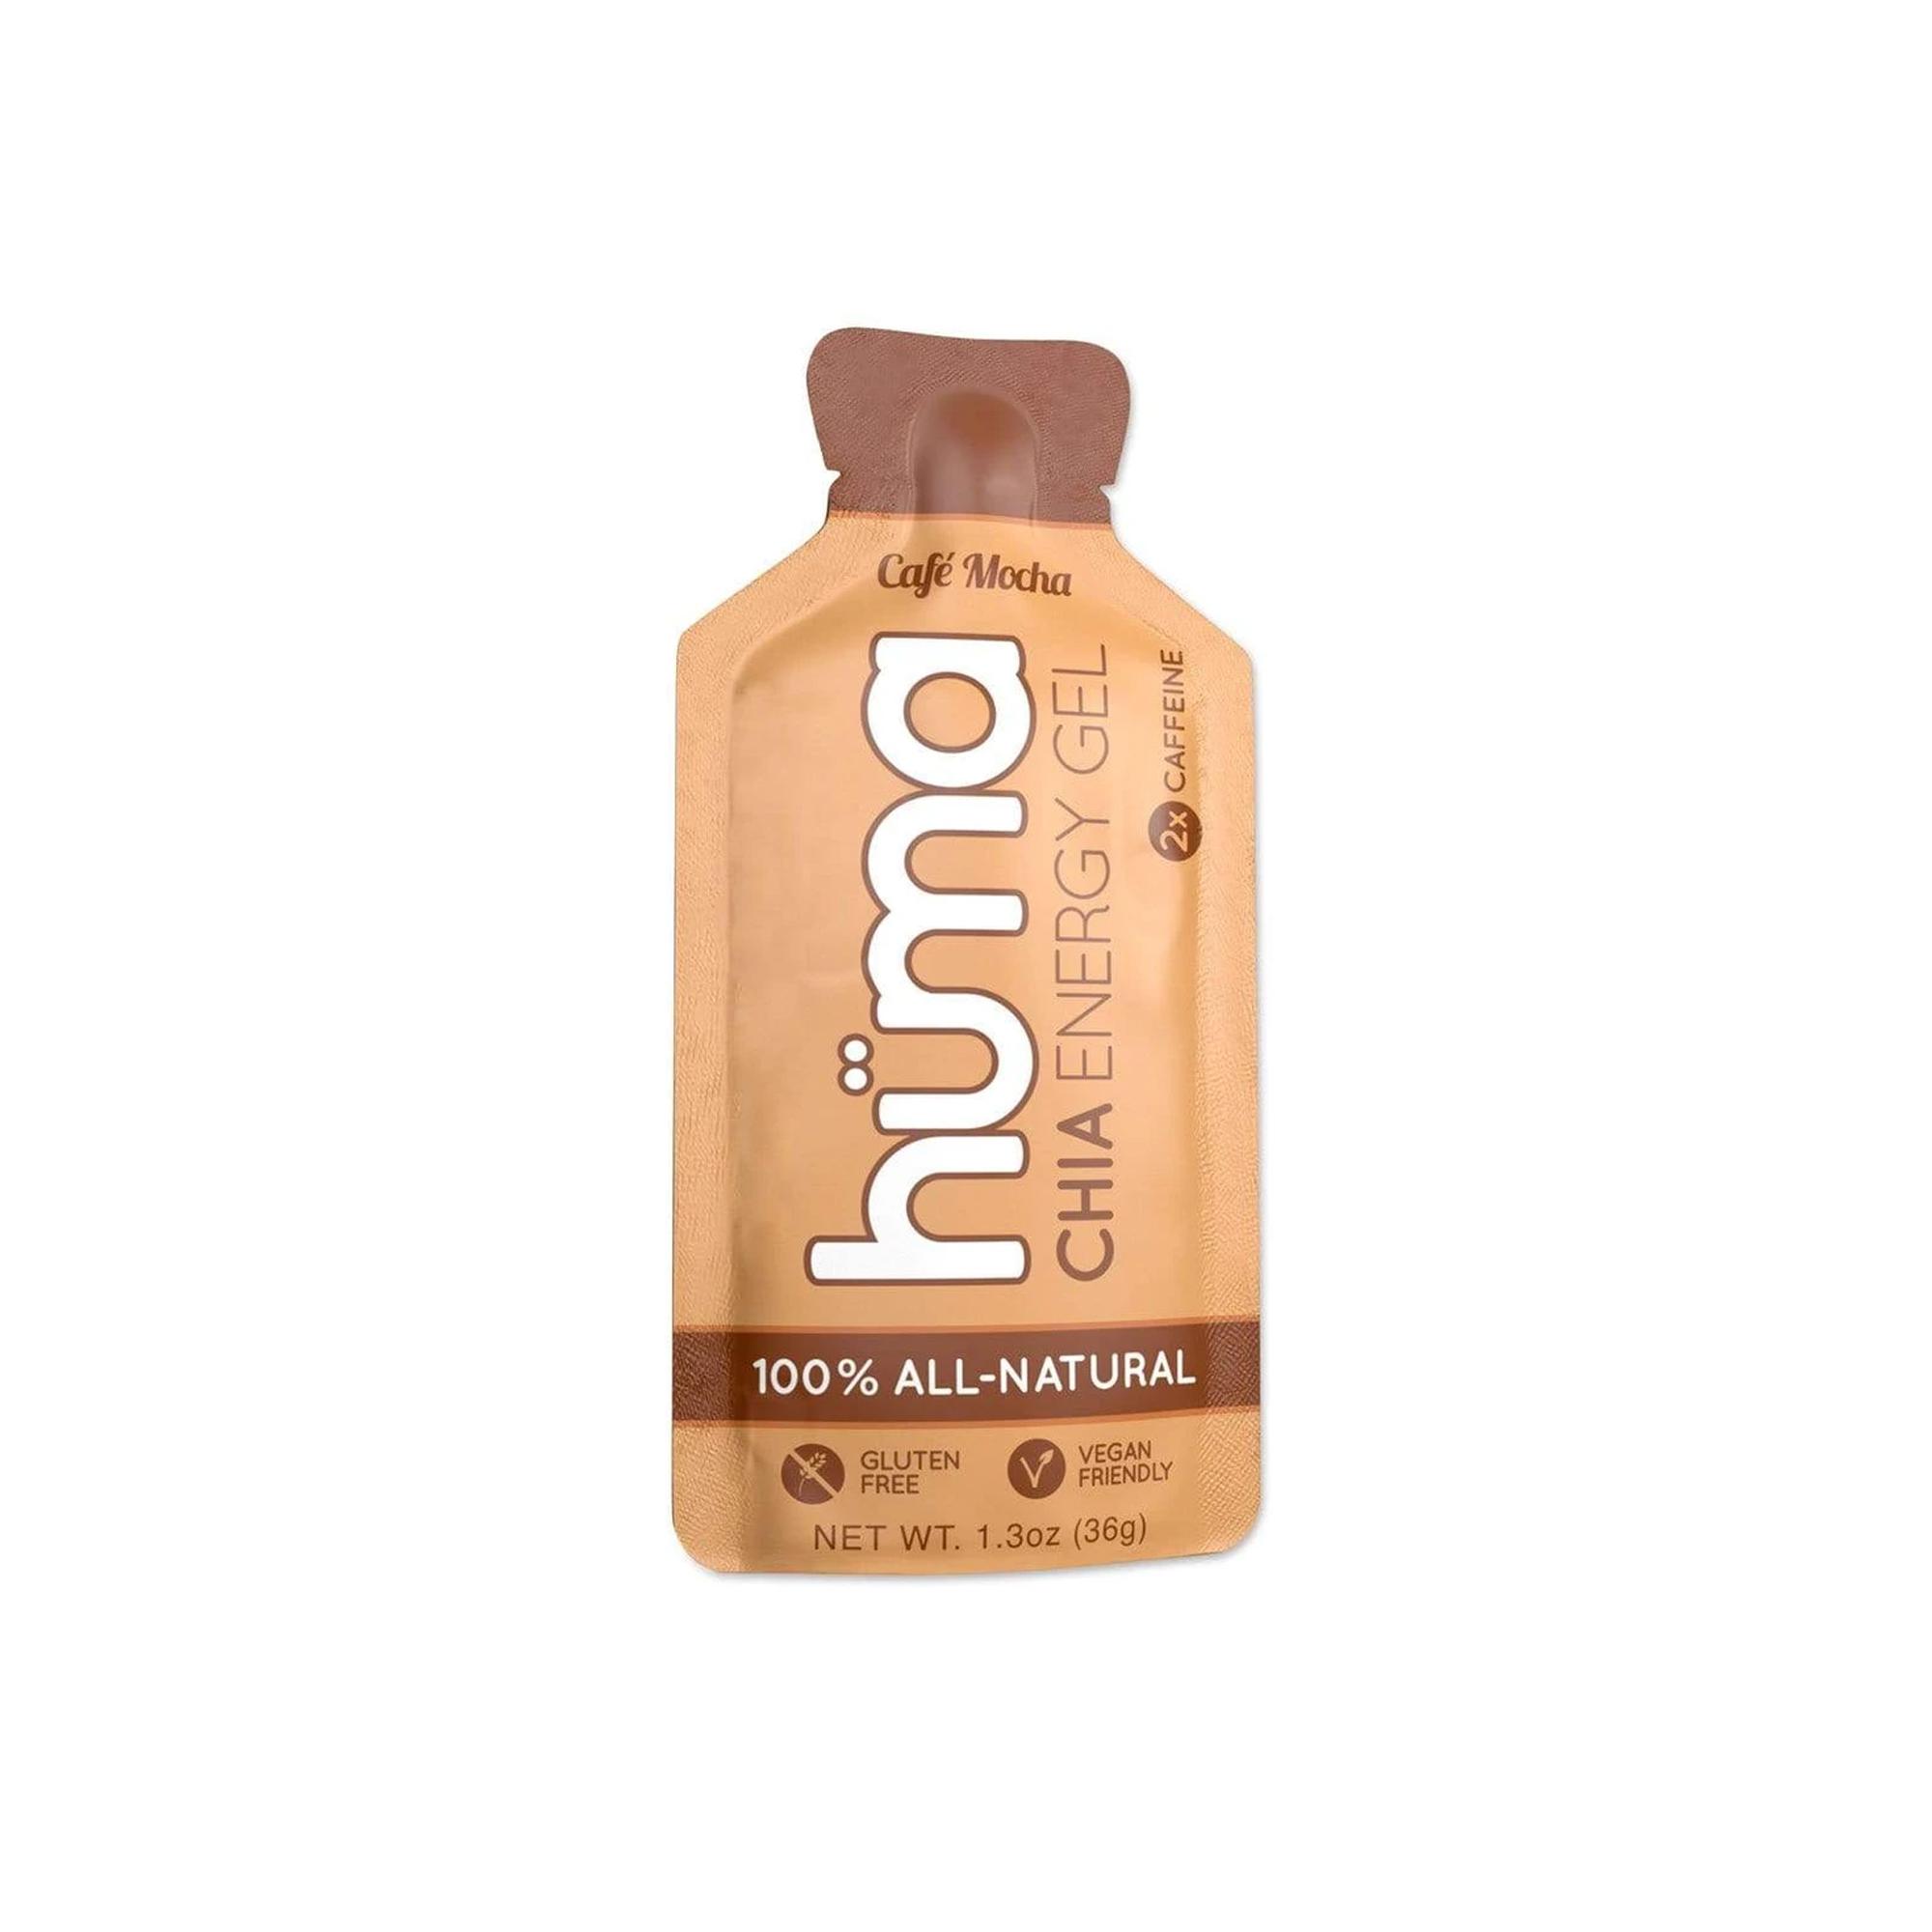 Hüma - Chia Energy Gel Cafe Mocha 2x Caffeine